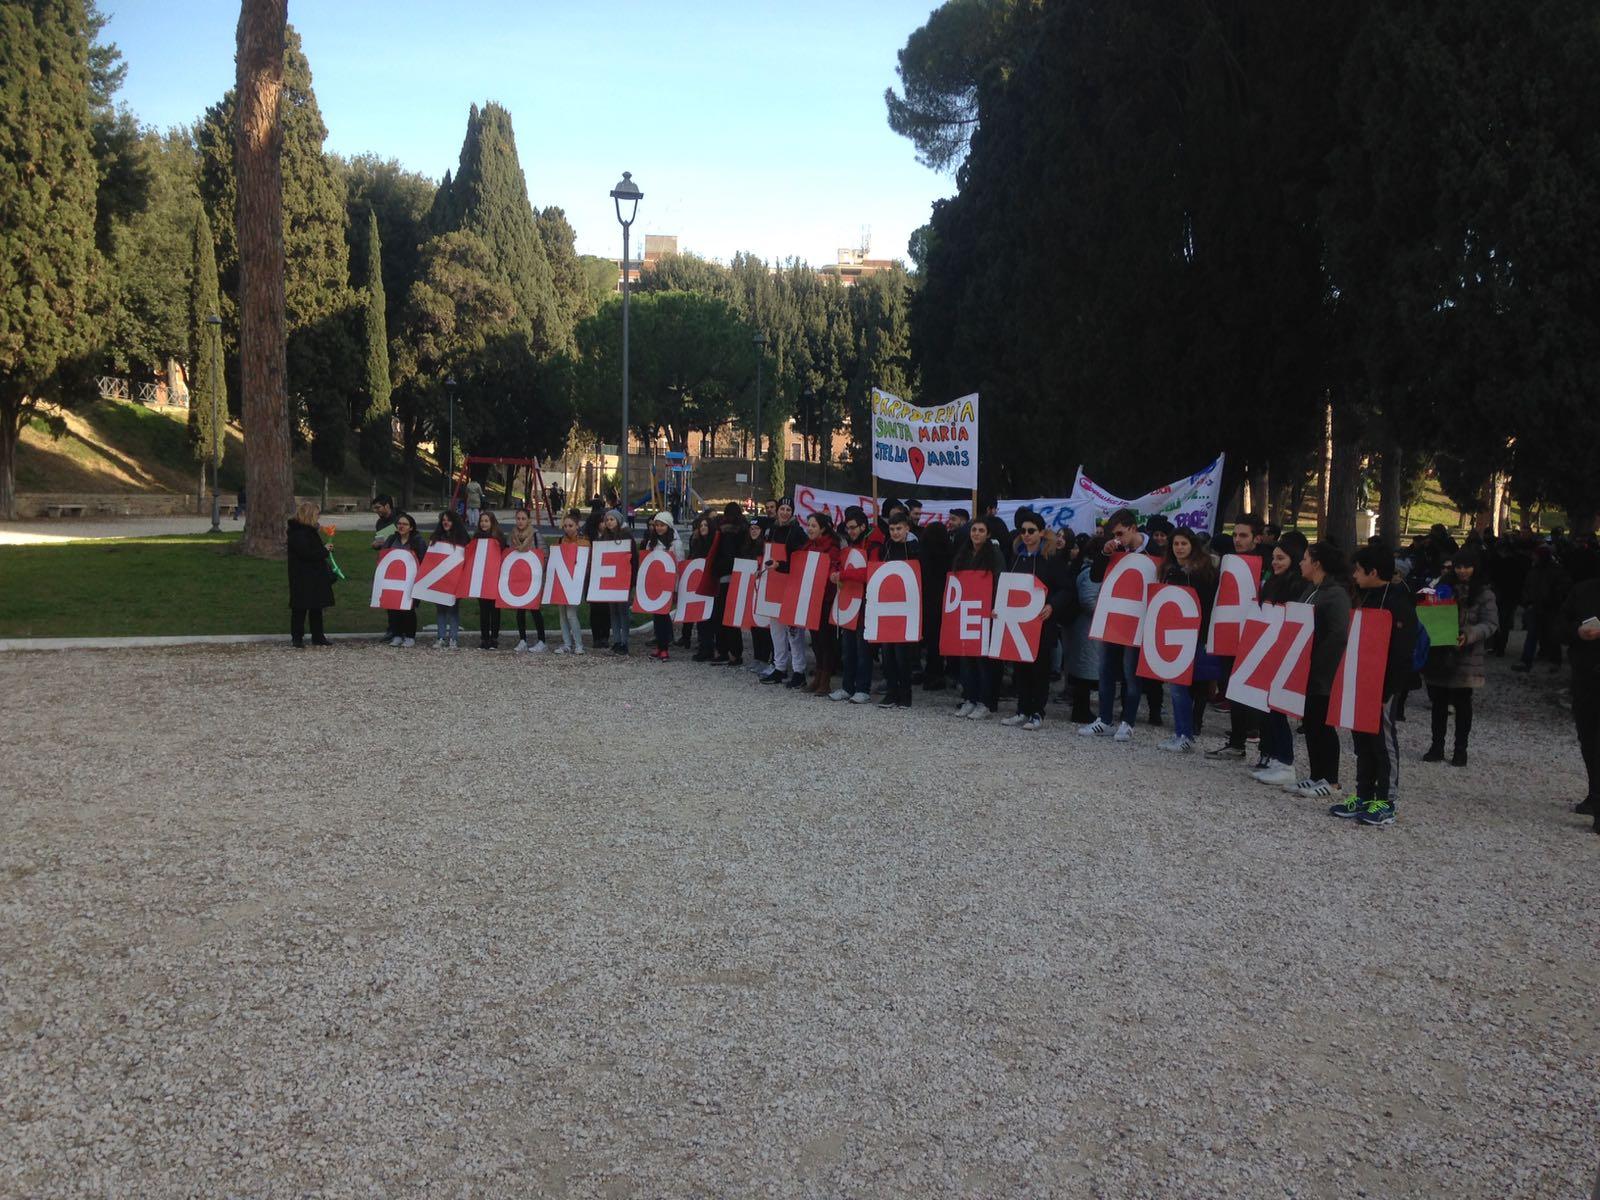 domenica della parola, carovana della pace, azione cattolica roma